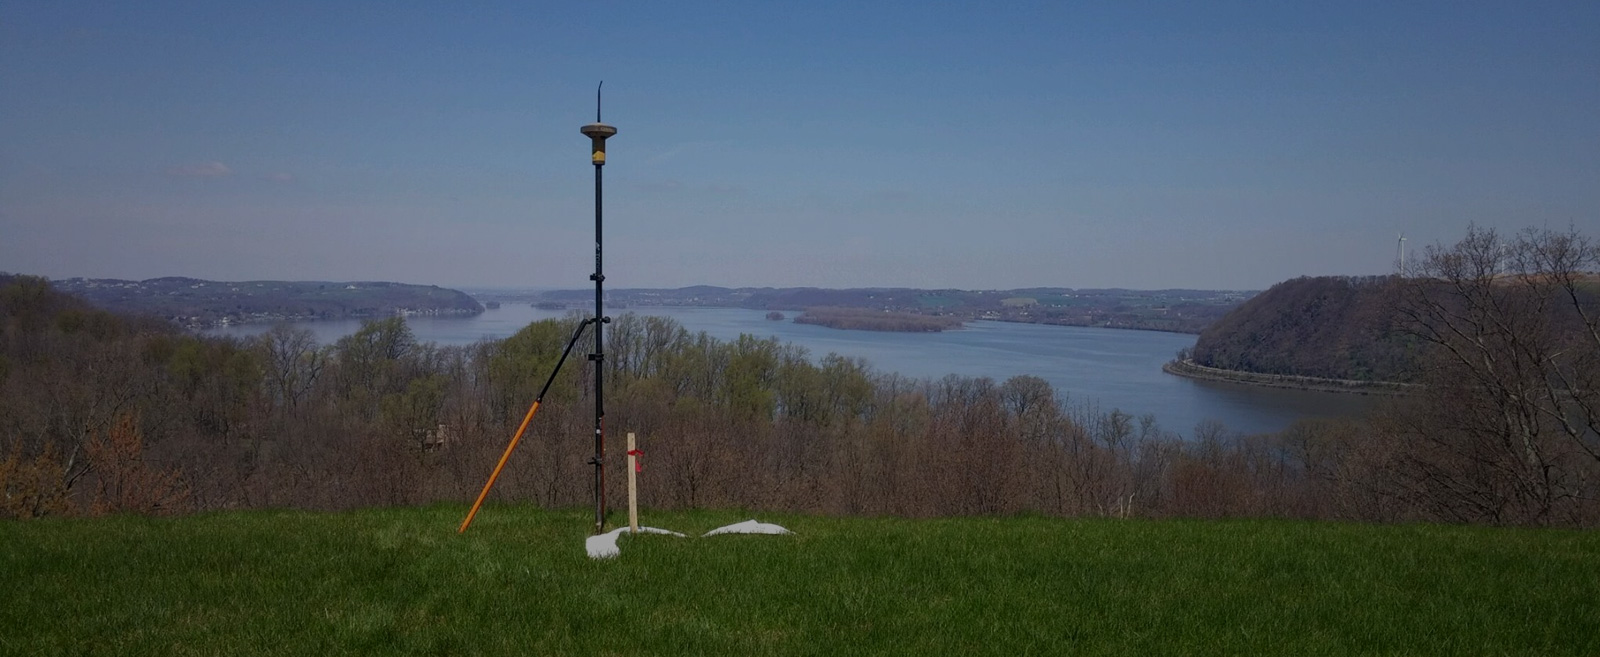 Surveying steep land property